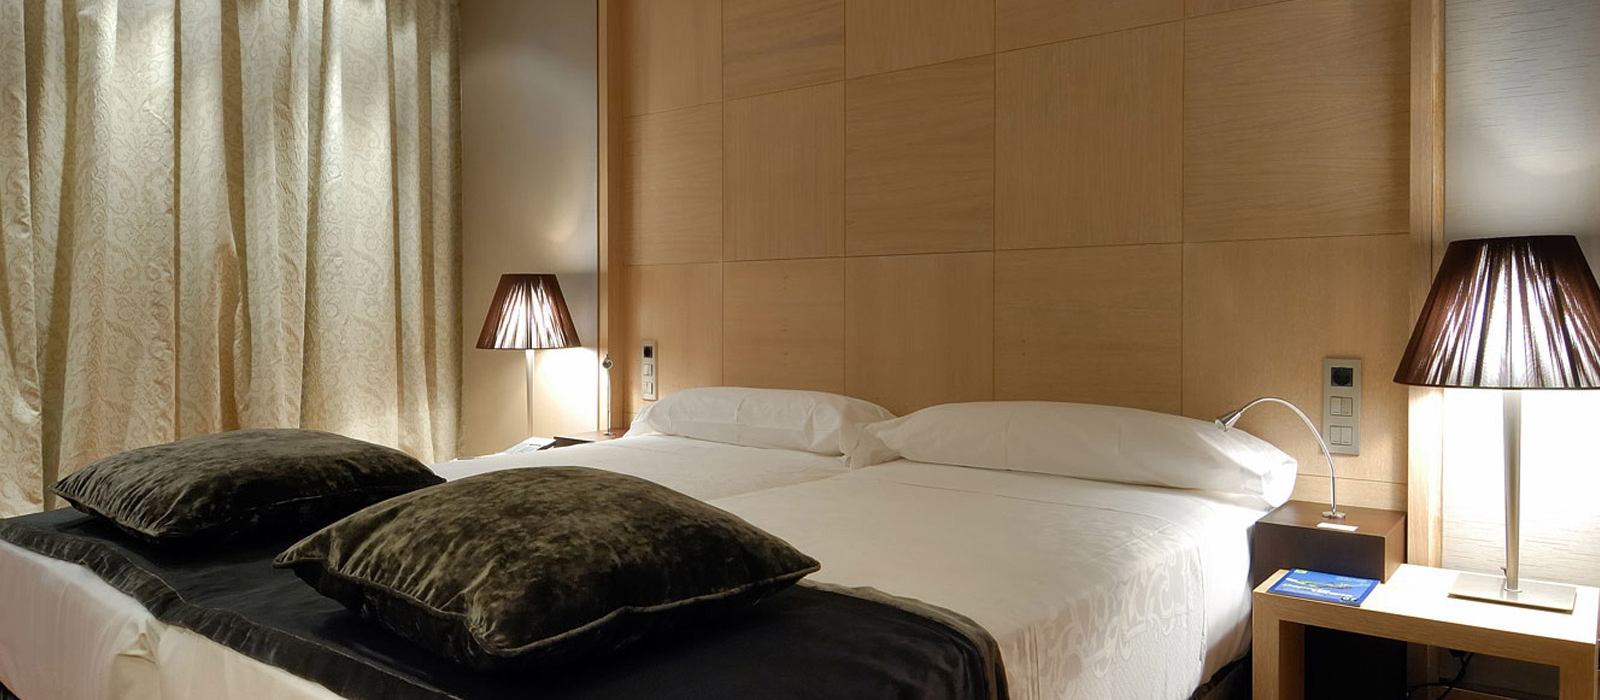 Habitación estándar. Hotel Valladolid Frontaura - Vincci Hoteles